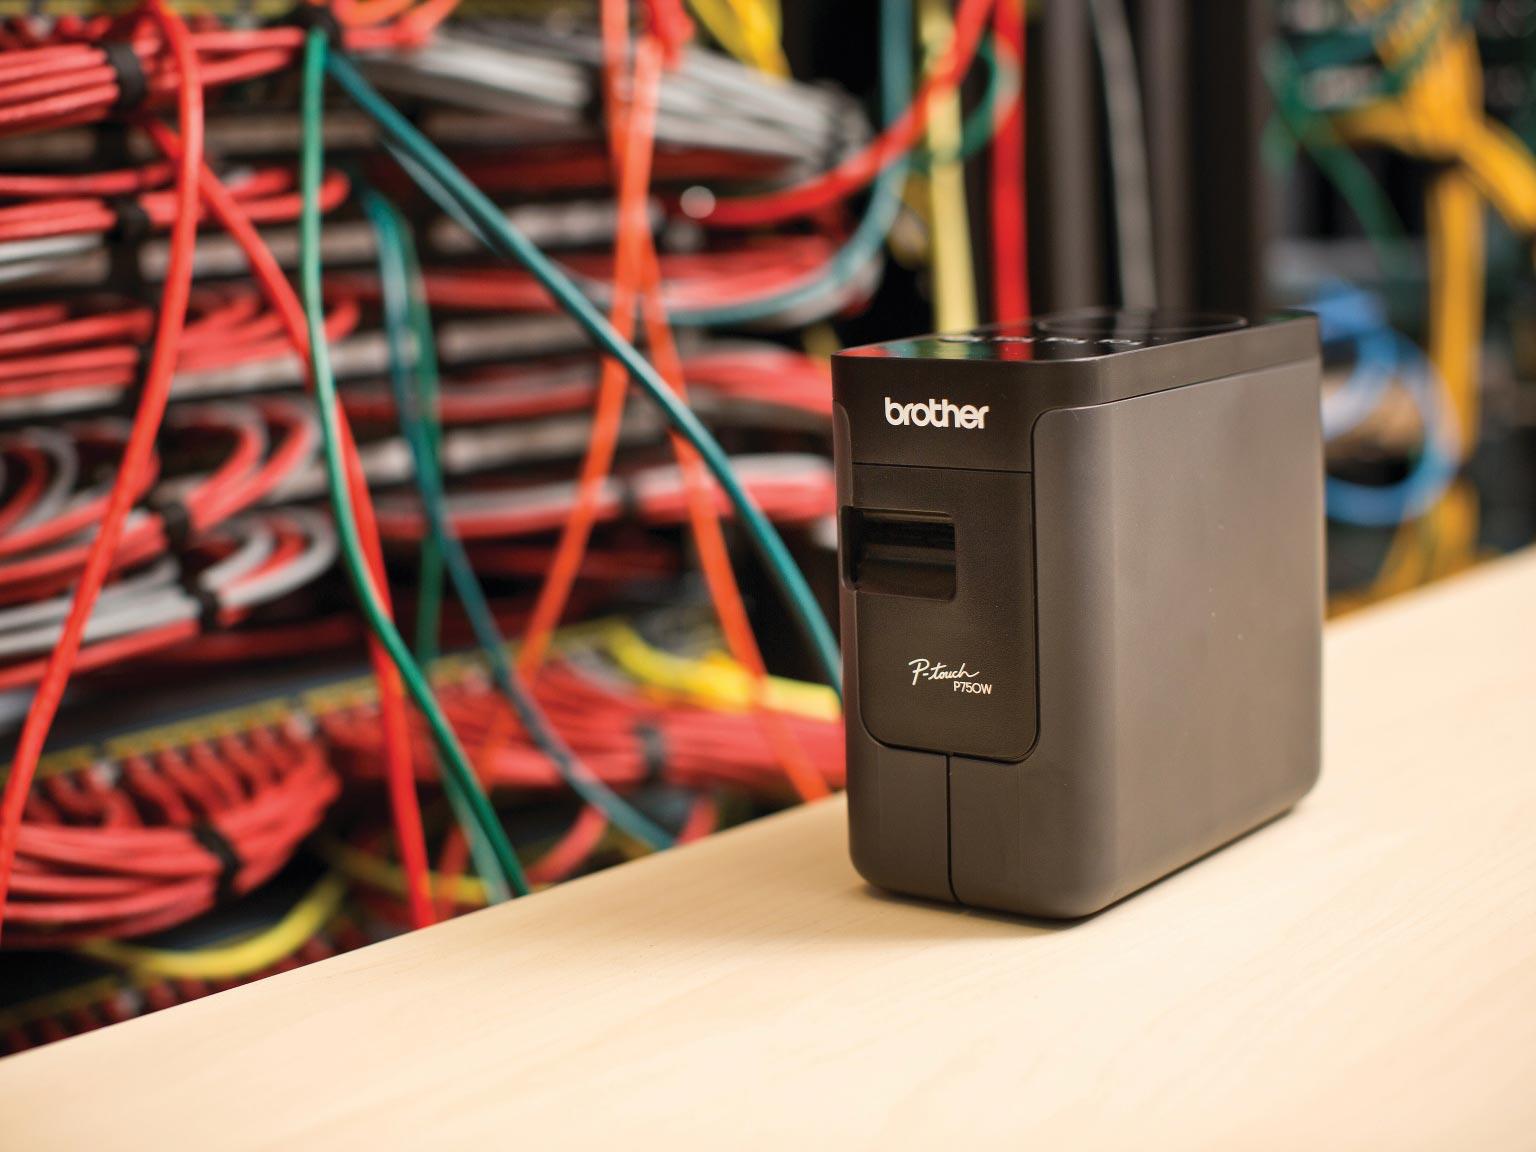 PT-P750TDI  pisač naljepnica na stolu ispred mrežnih kabela